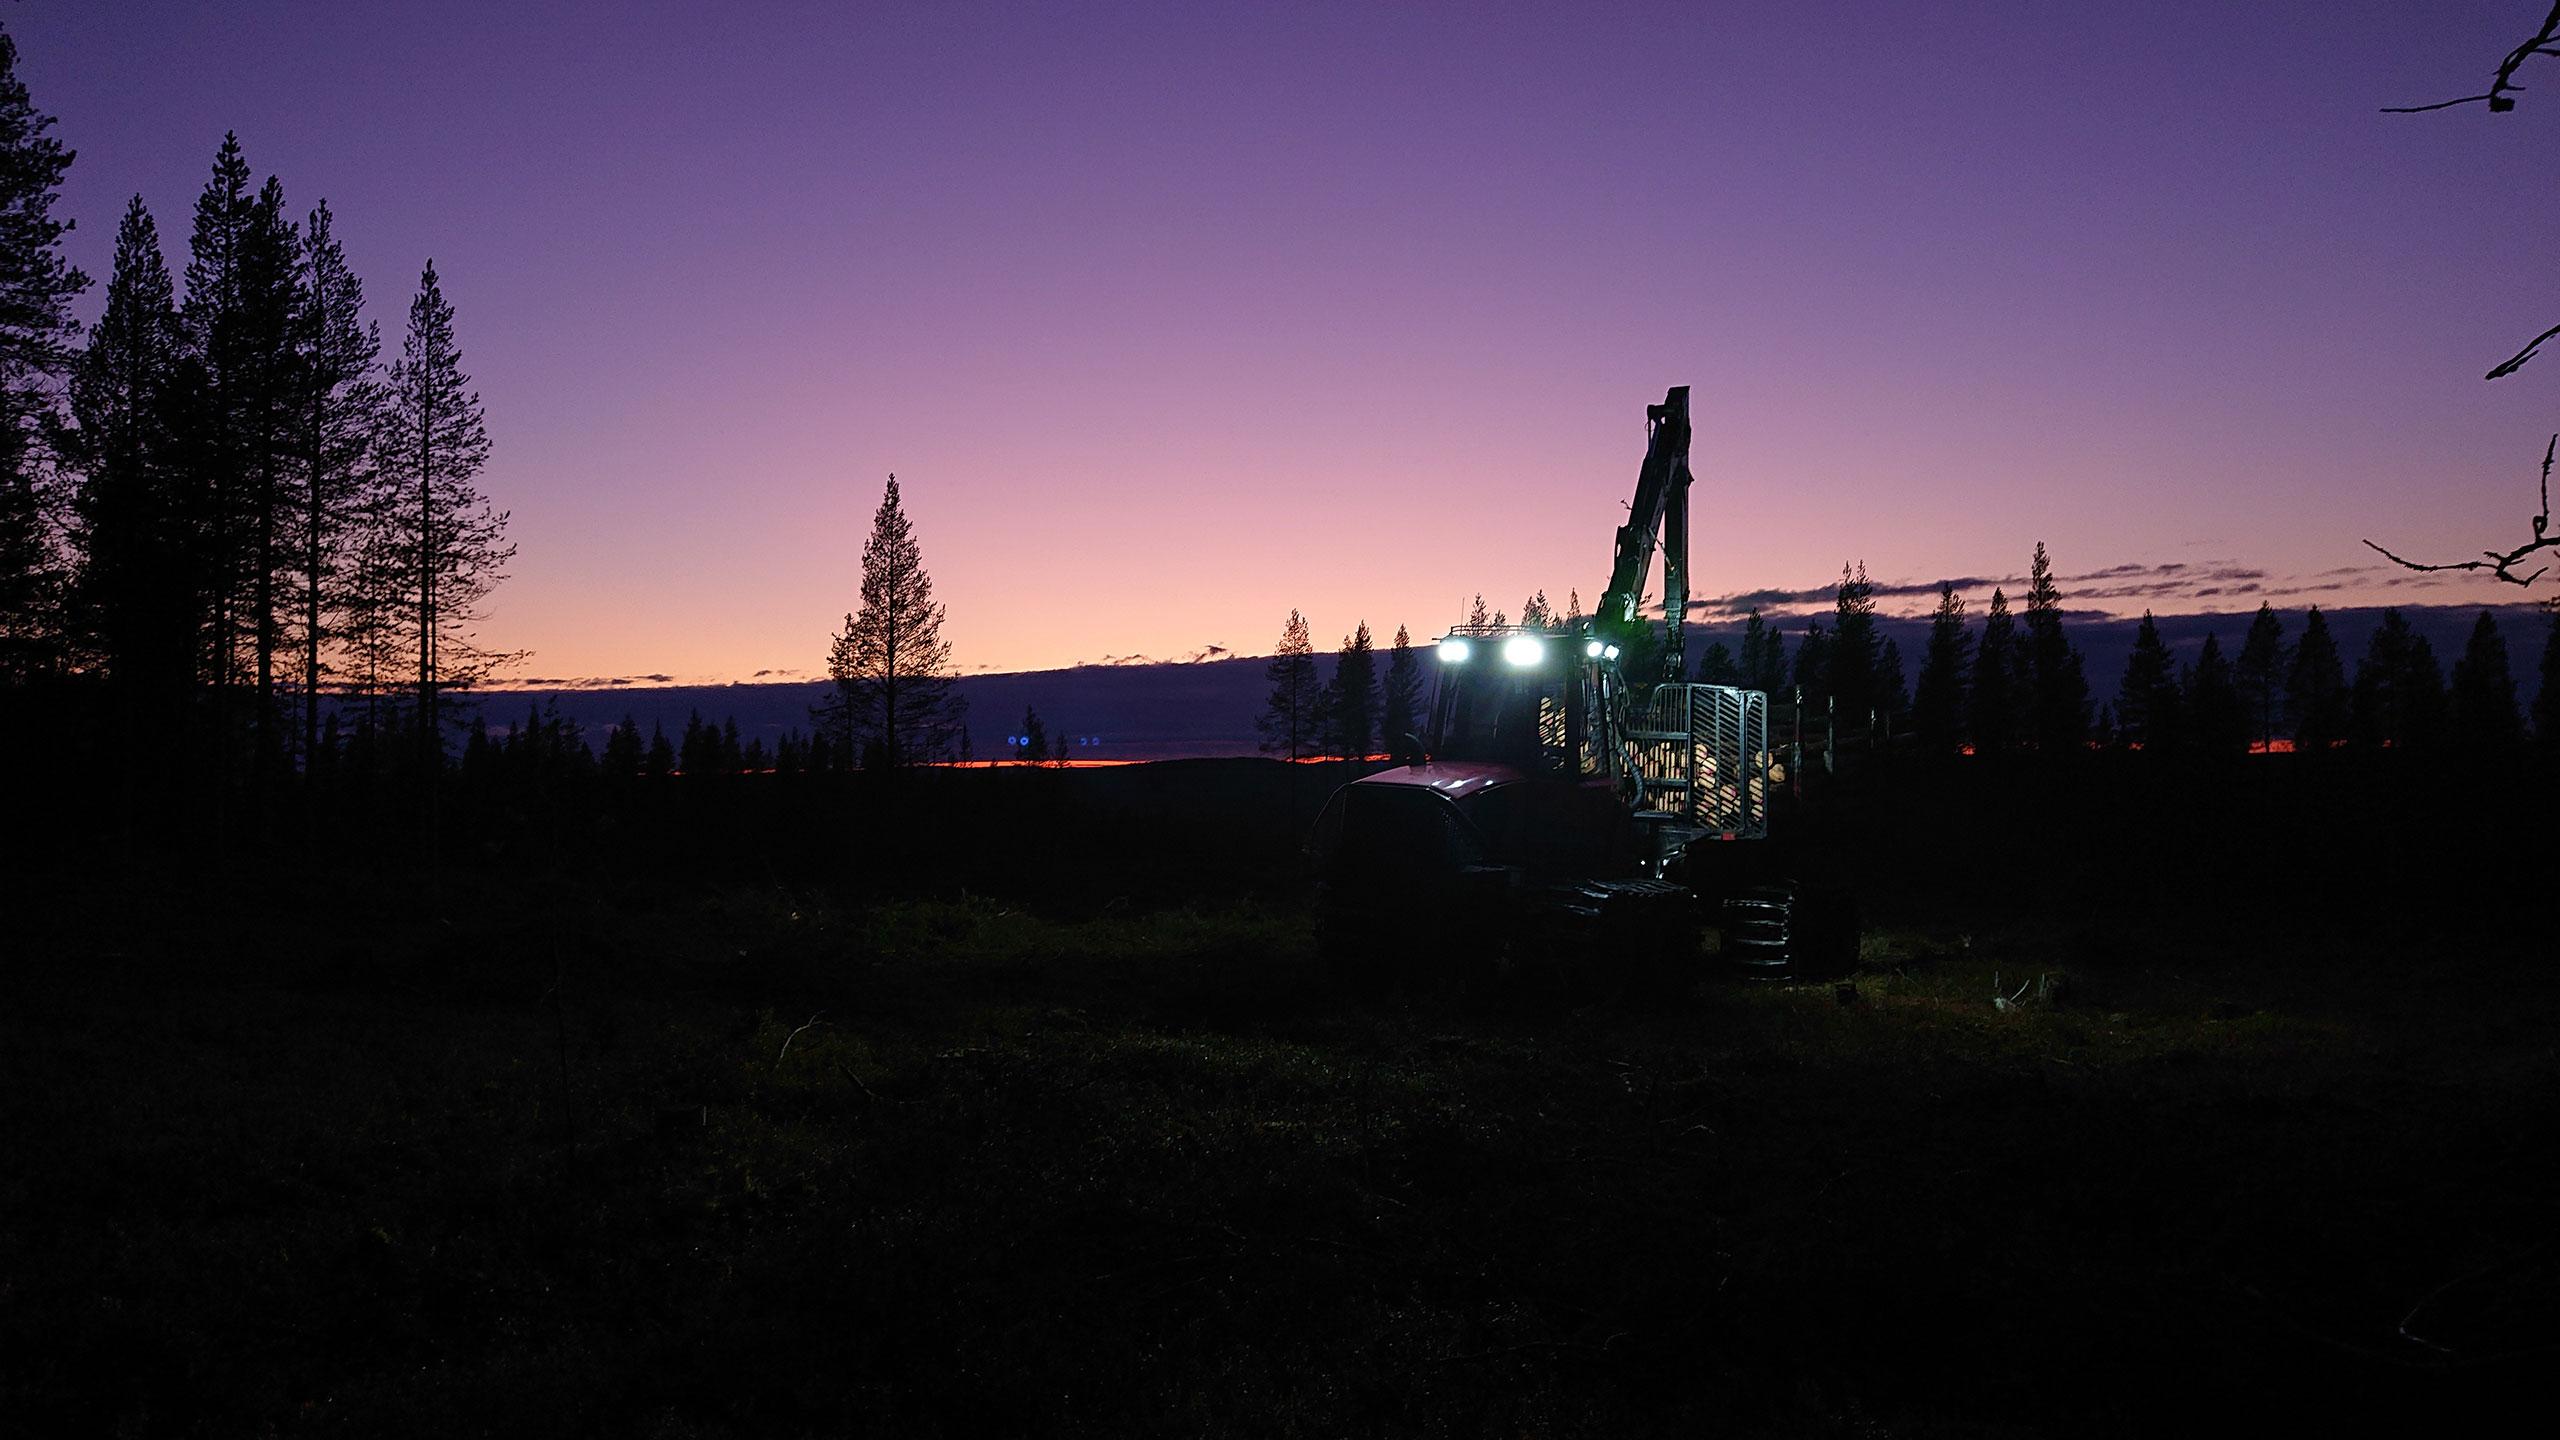 Komatsu Forest -valokuvauskilpailu lokakuu sija 1 Heikki Juusola